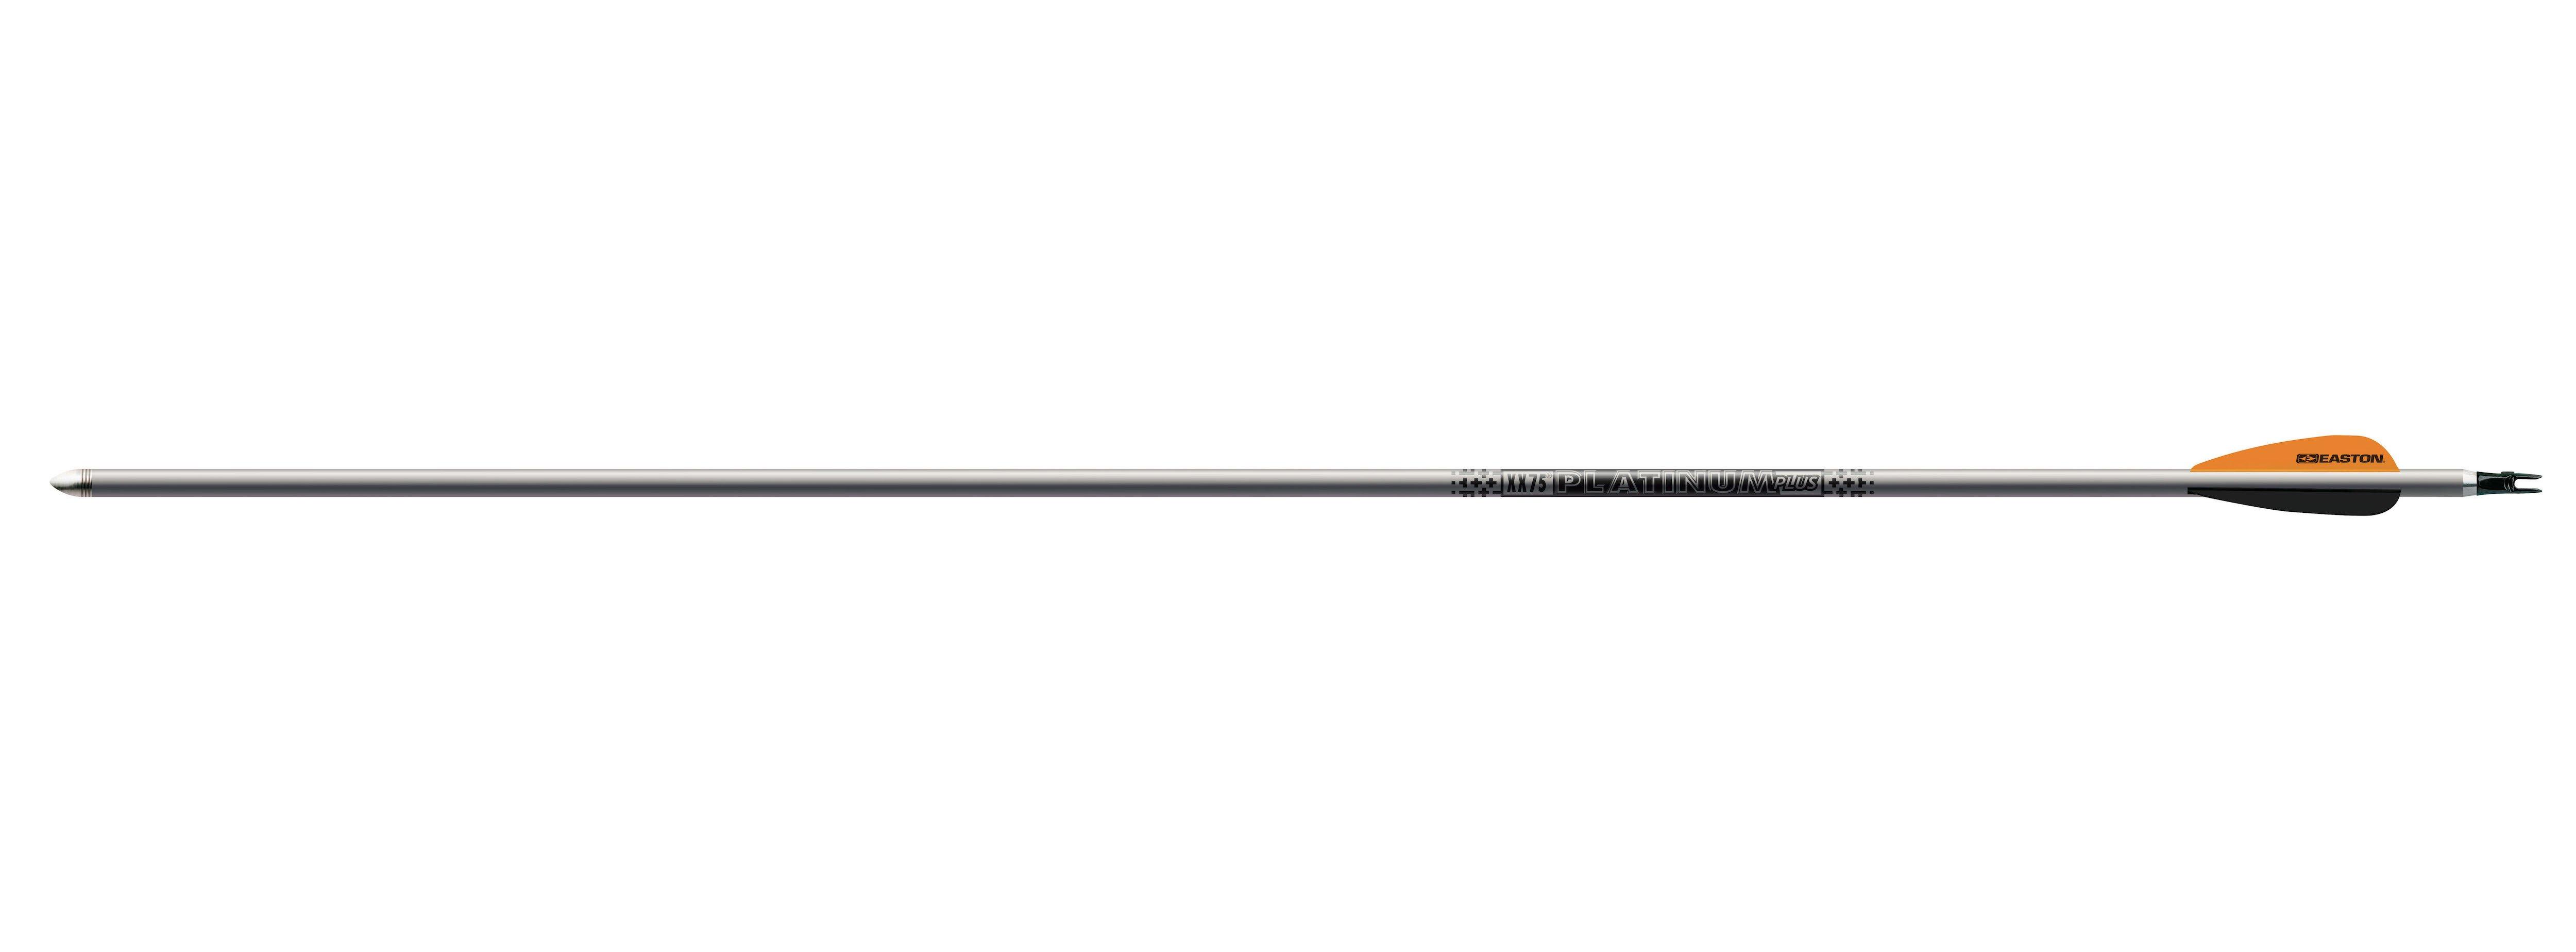 Easton XX75 Platinum Plus Fertigpfeil